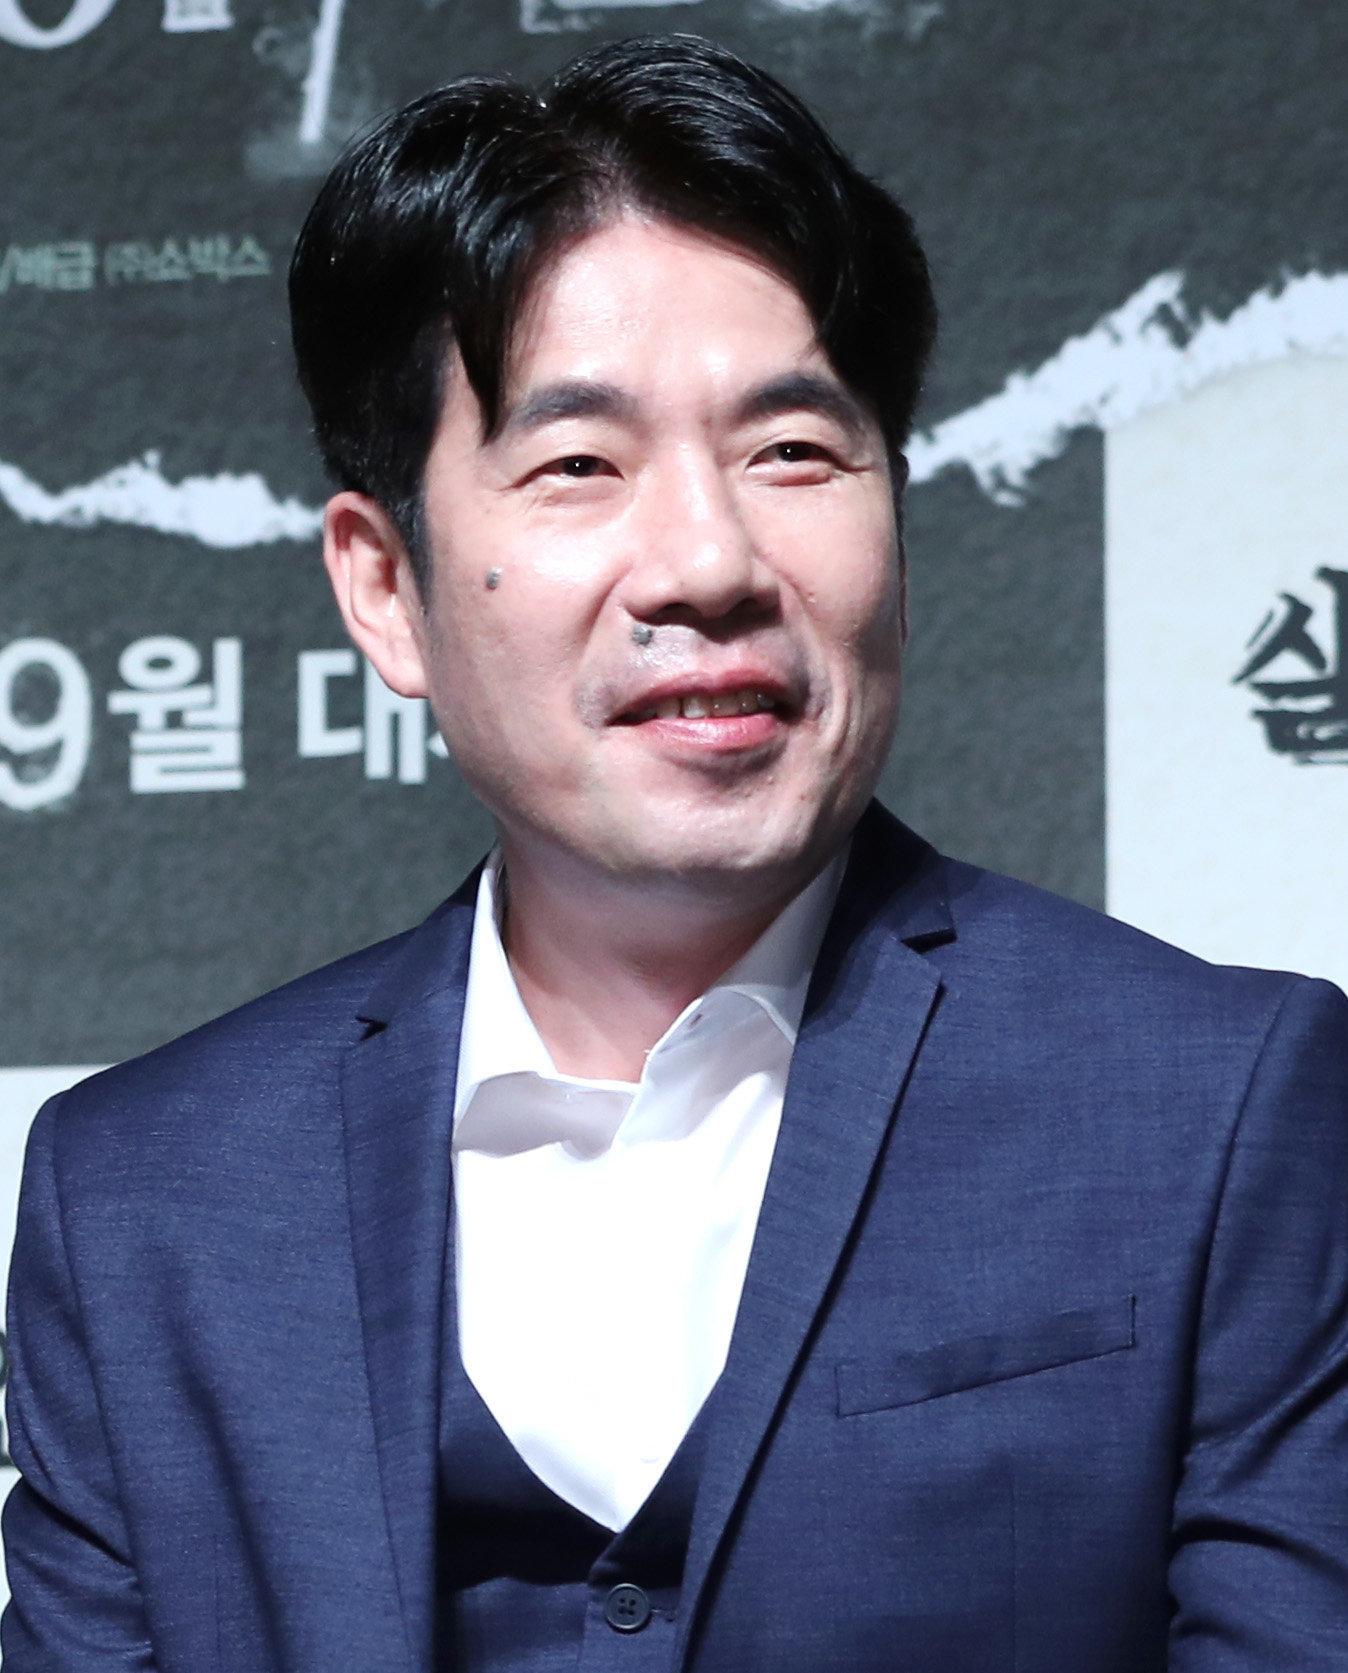 '성폭행·성추행 의혹' 배우 오달수의 '자필 사과문'에 대한 SNS 반응을